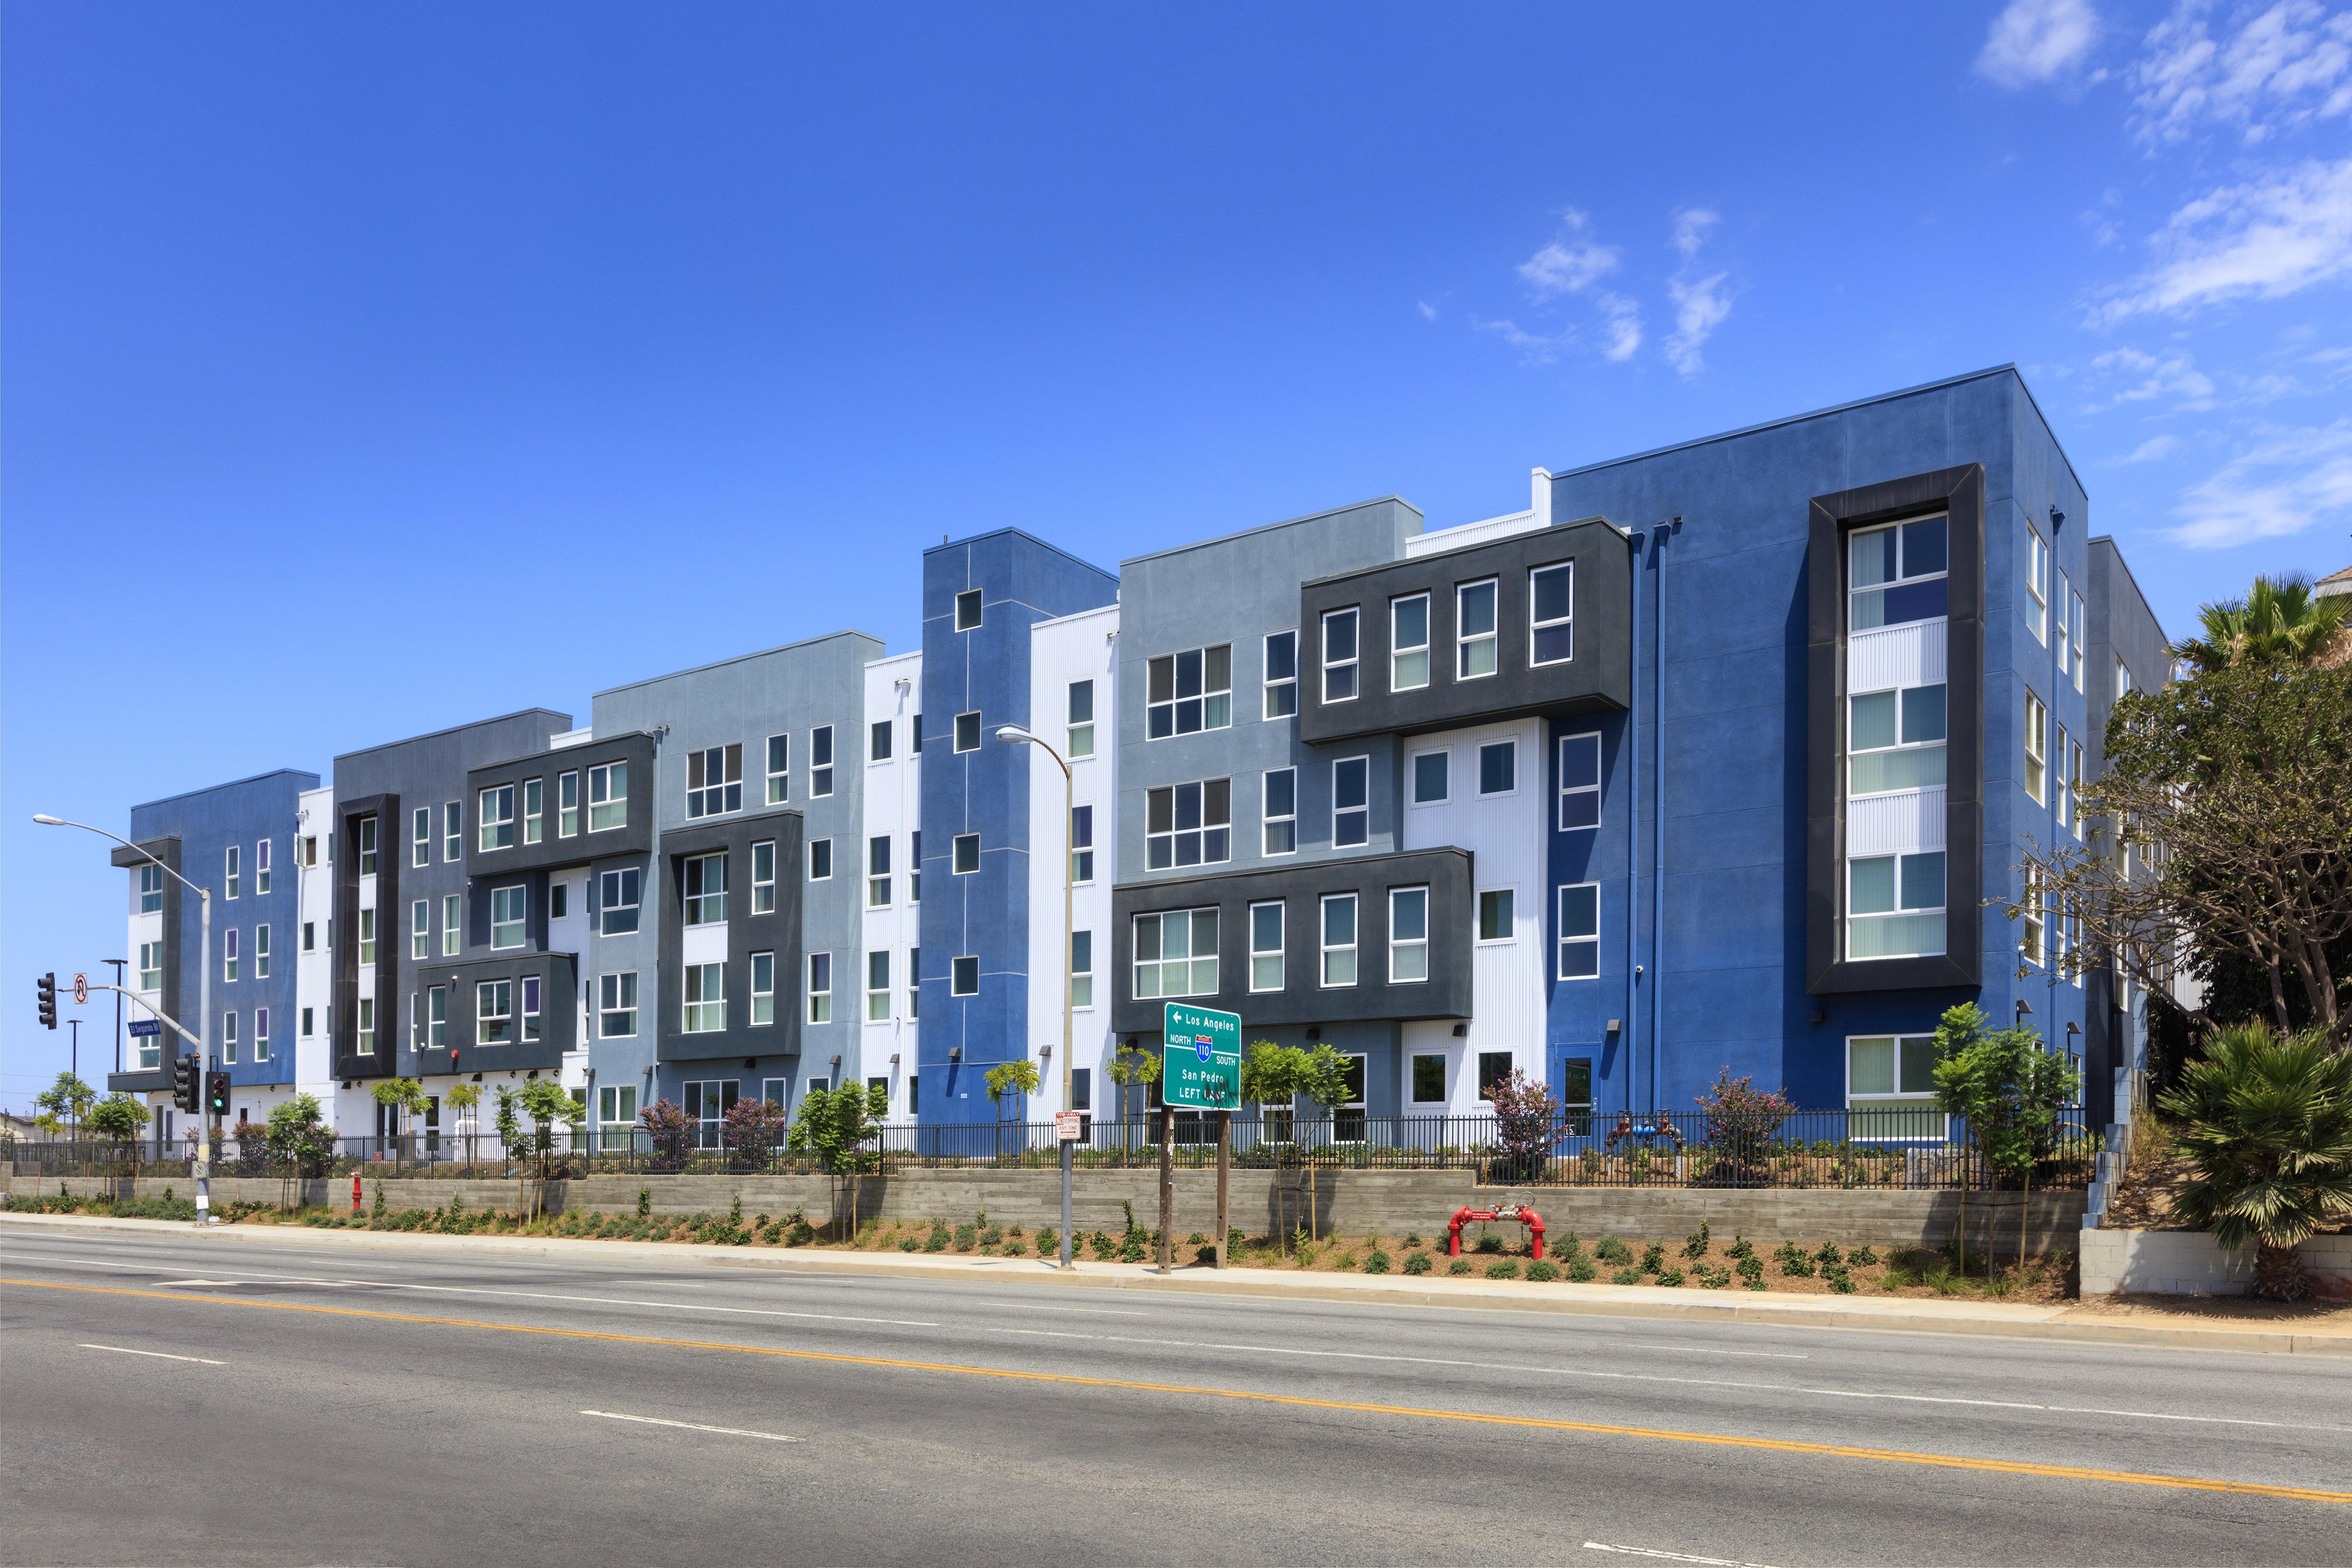 Image of El Segundo Boulevard Apartments in Los Angeles, California